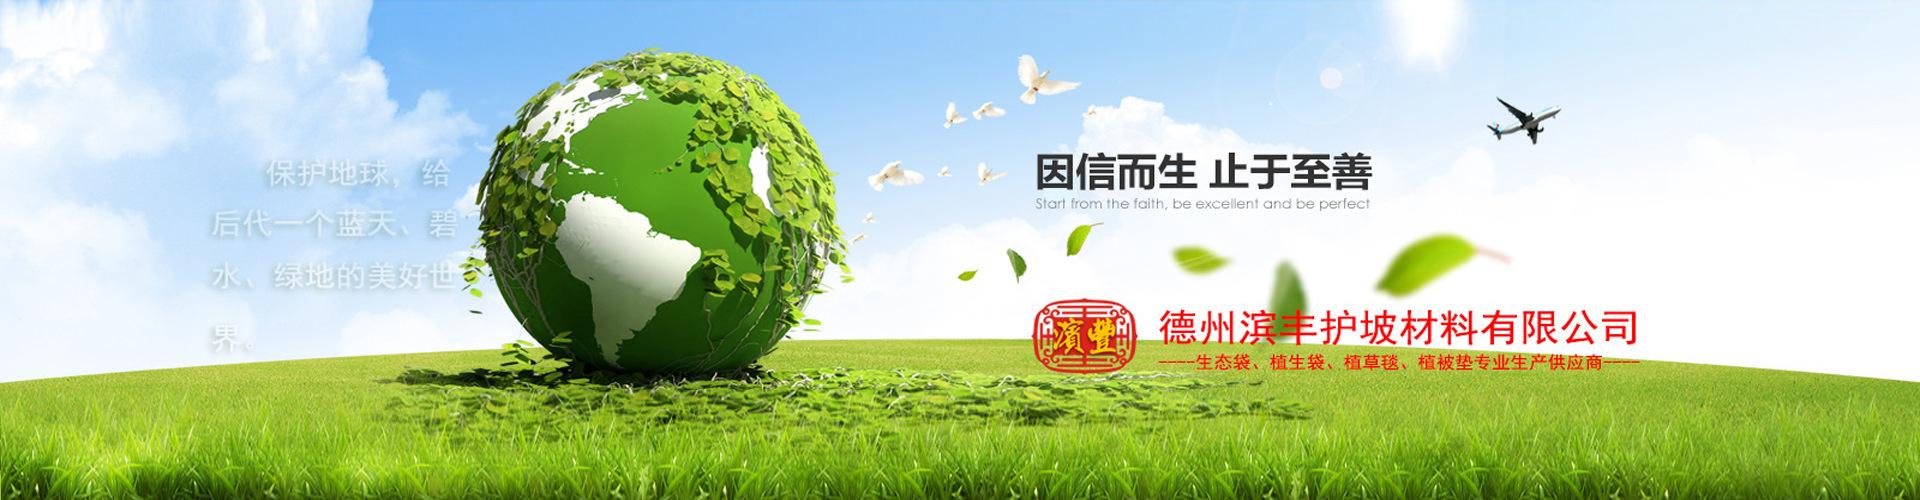 滨丰护坡 生态袋厂家直销护坡生态袋、绿色生态袋、植生袋、植草毯、植被垫示例图25